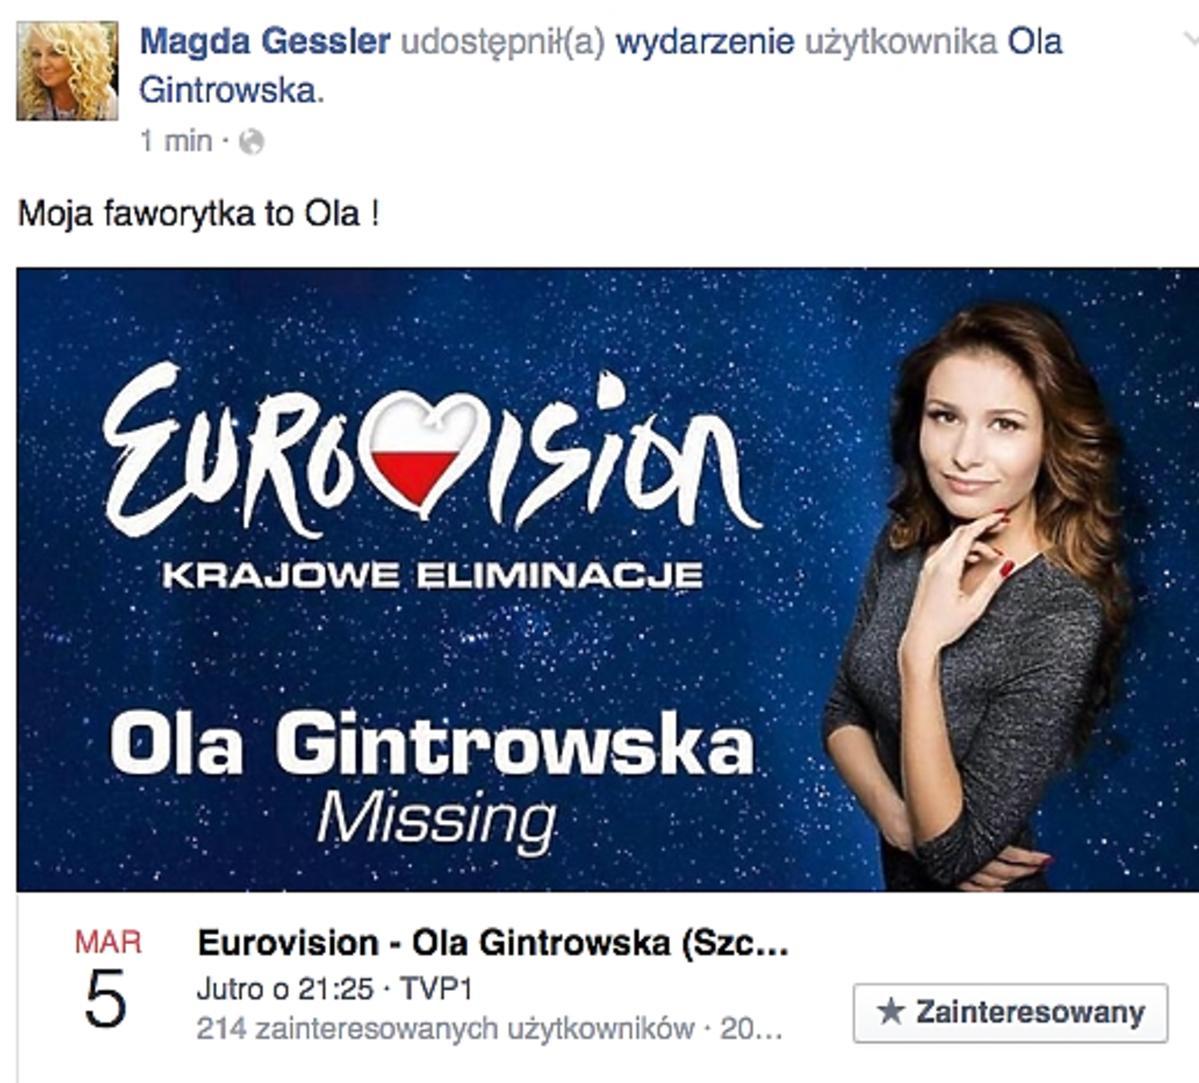 Magda Gessler zdradziła komu kibicuje na Eurowizji 2016